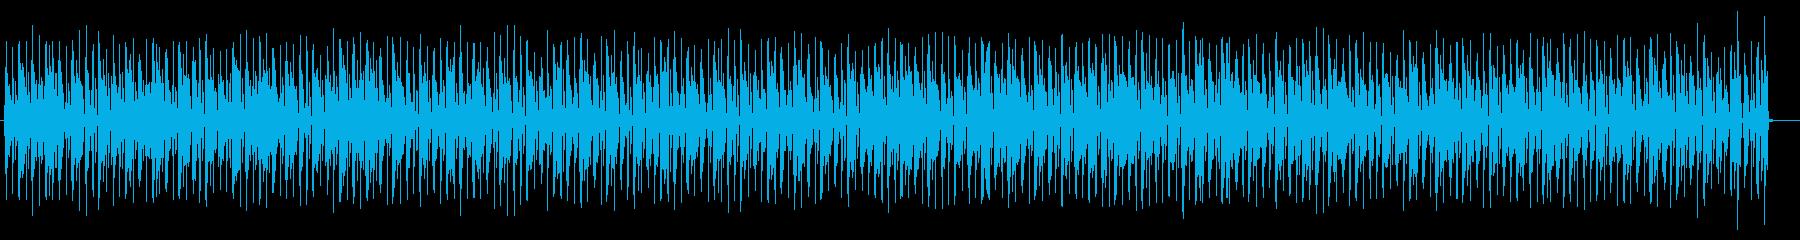 シックでベースが印象的なポップスの再生済みの波形